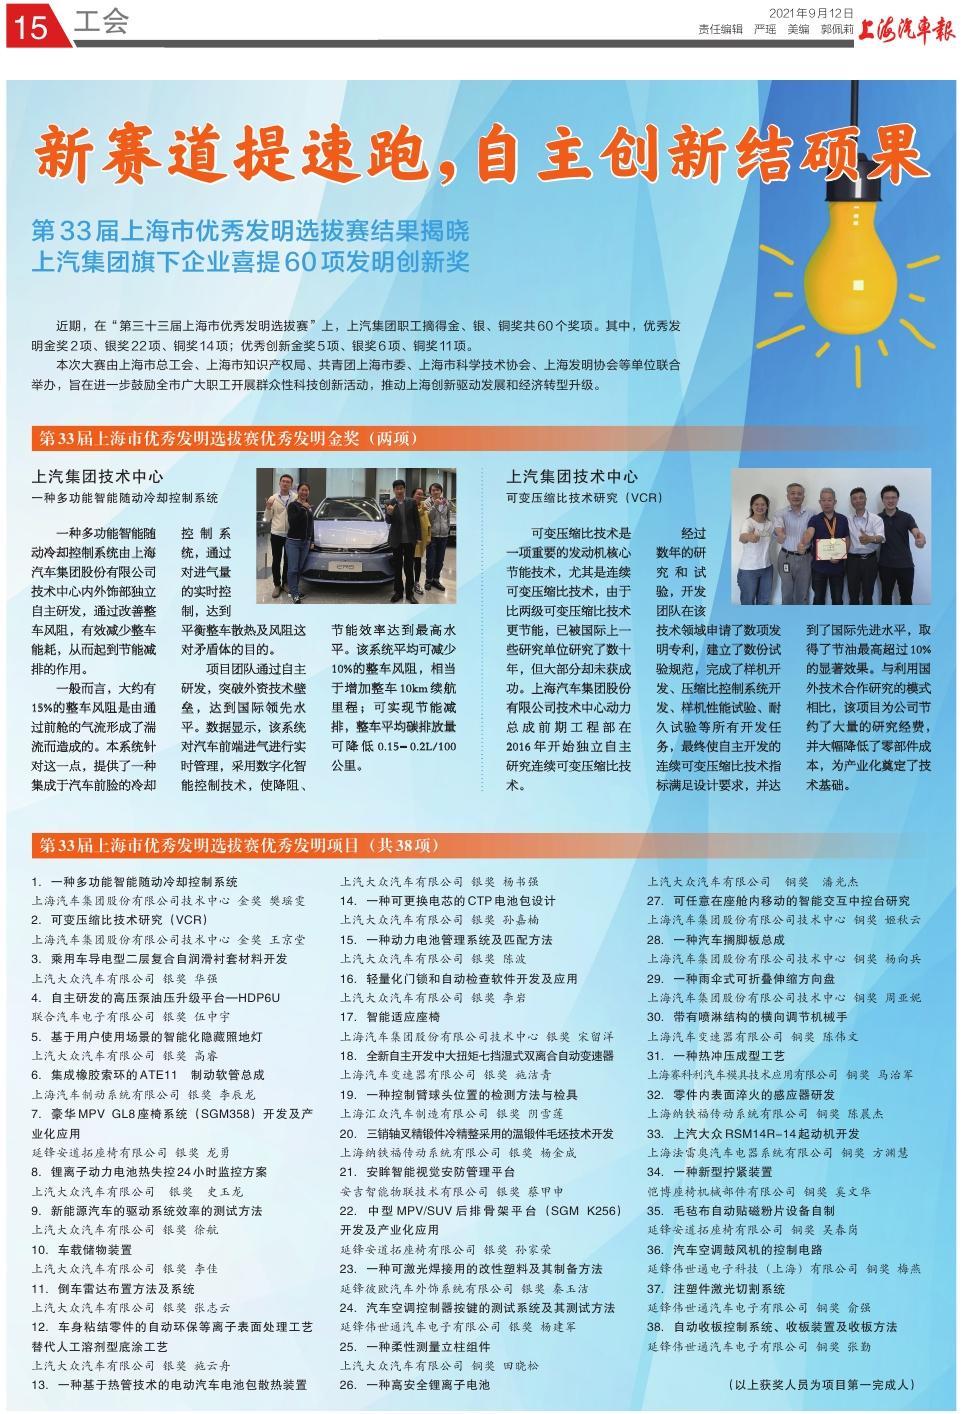 上海汽车报工会